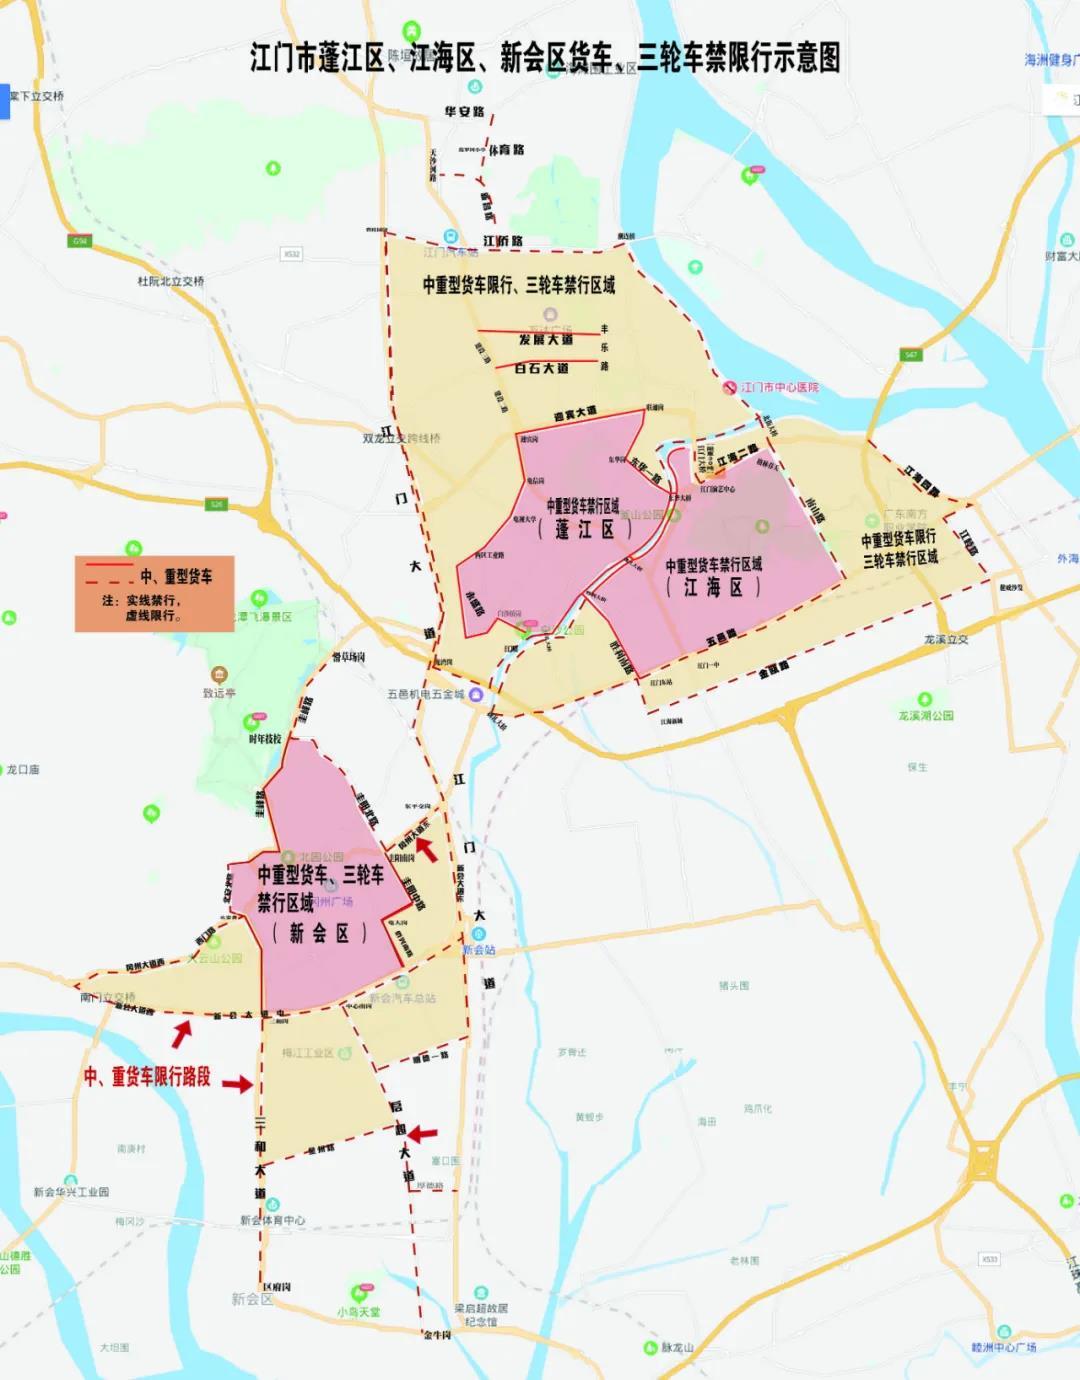 10月1日起,江门三区实施调整后的货车、三轮车禁限行交通管制措施